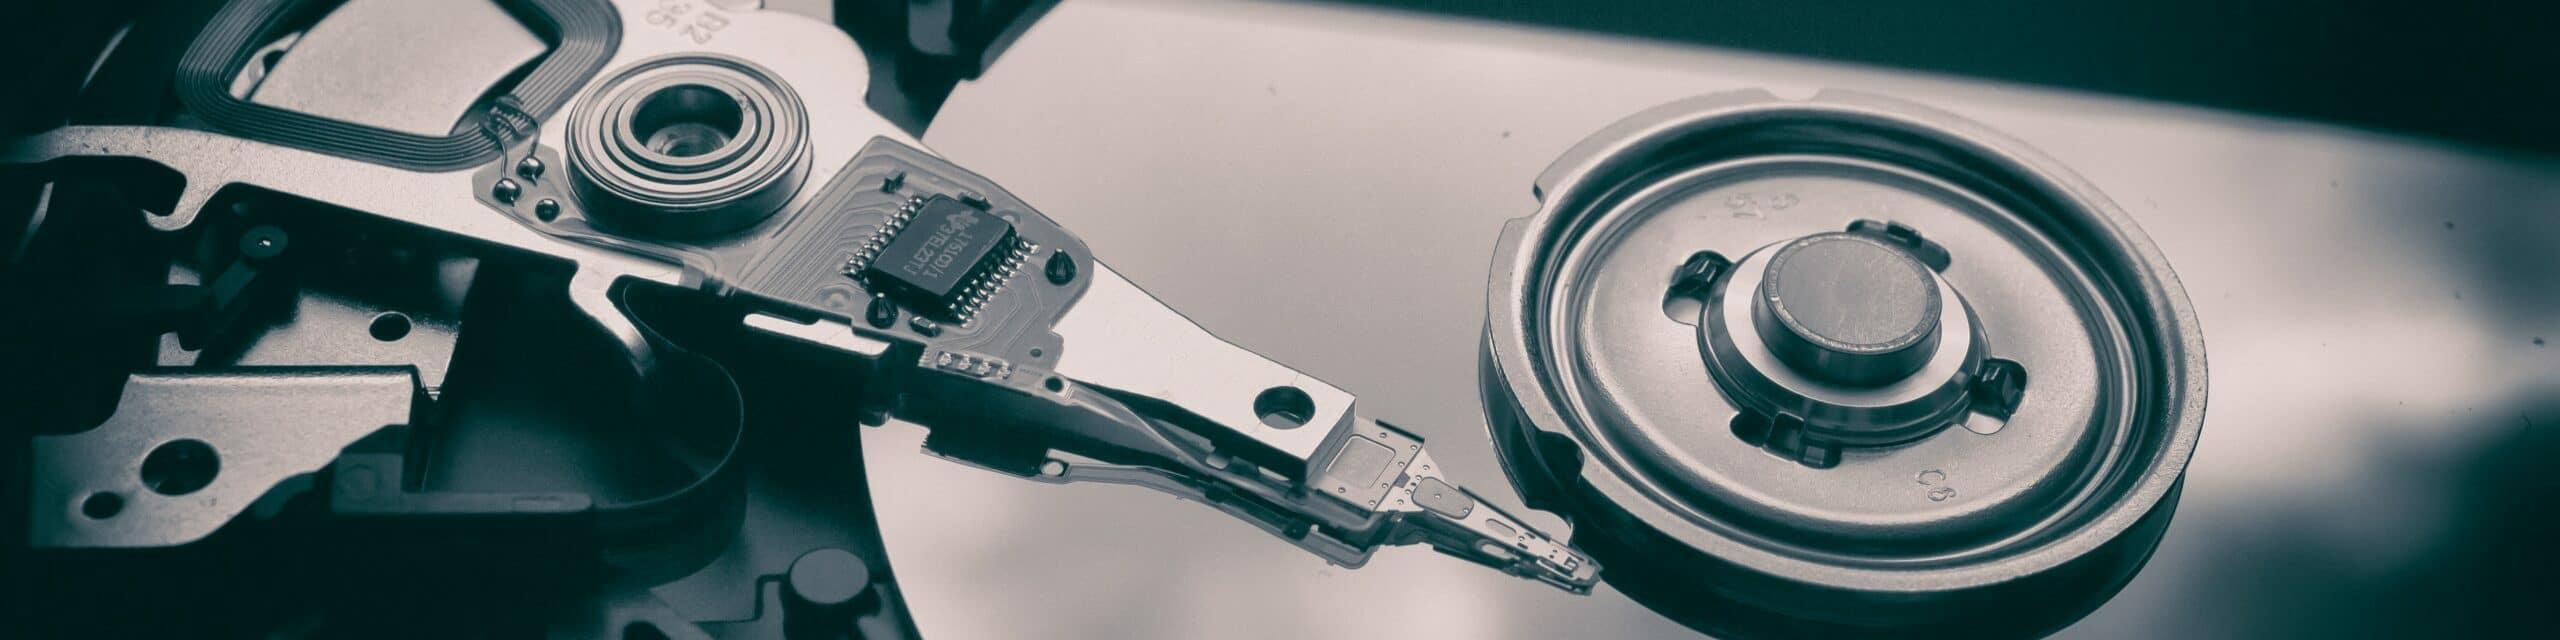 Was ist der Unterschied zwischen HDD und SSD?